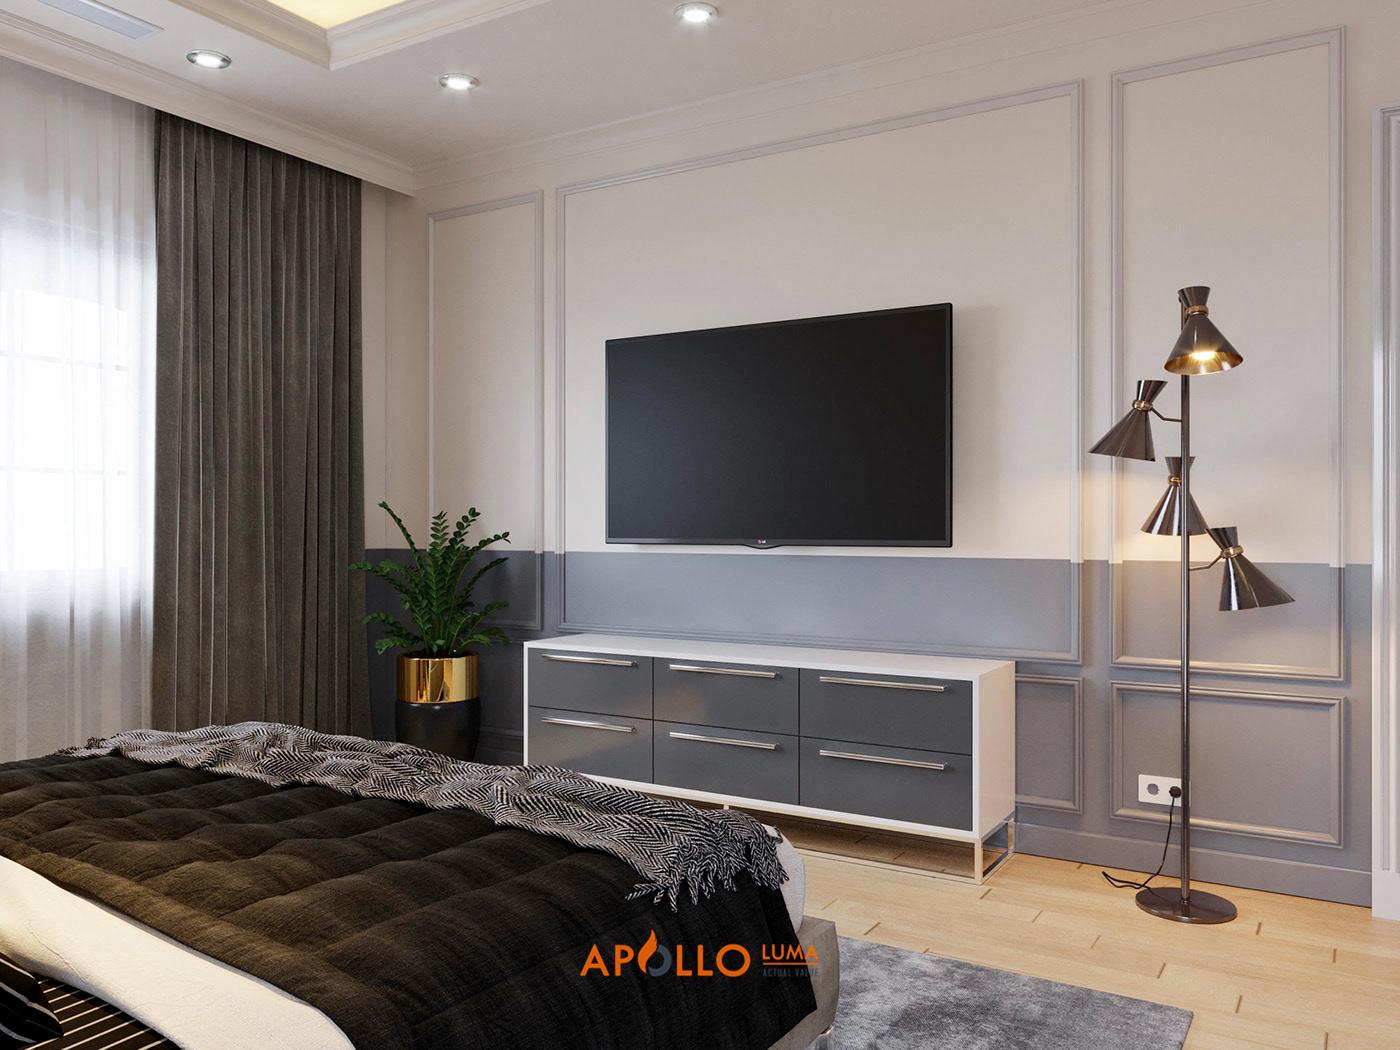 Bộ sưu tập: Phong cách nội thất Neo Classic (Tân cổ điển)